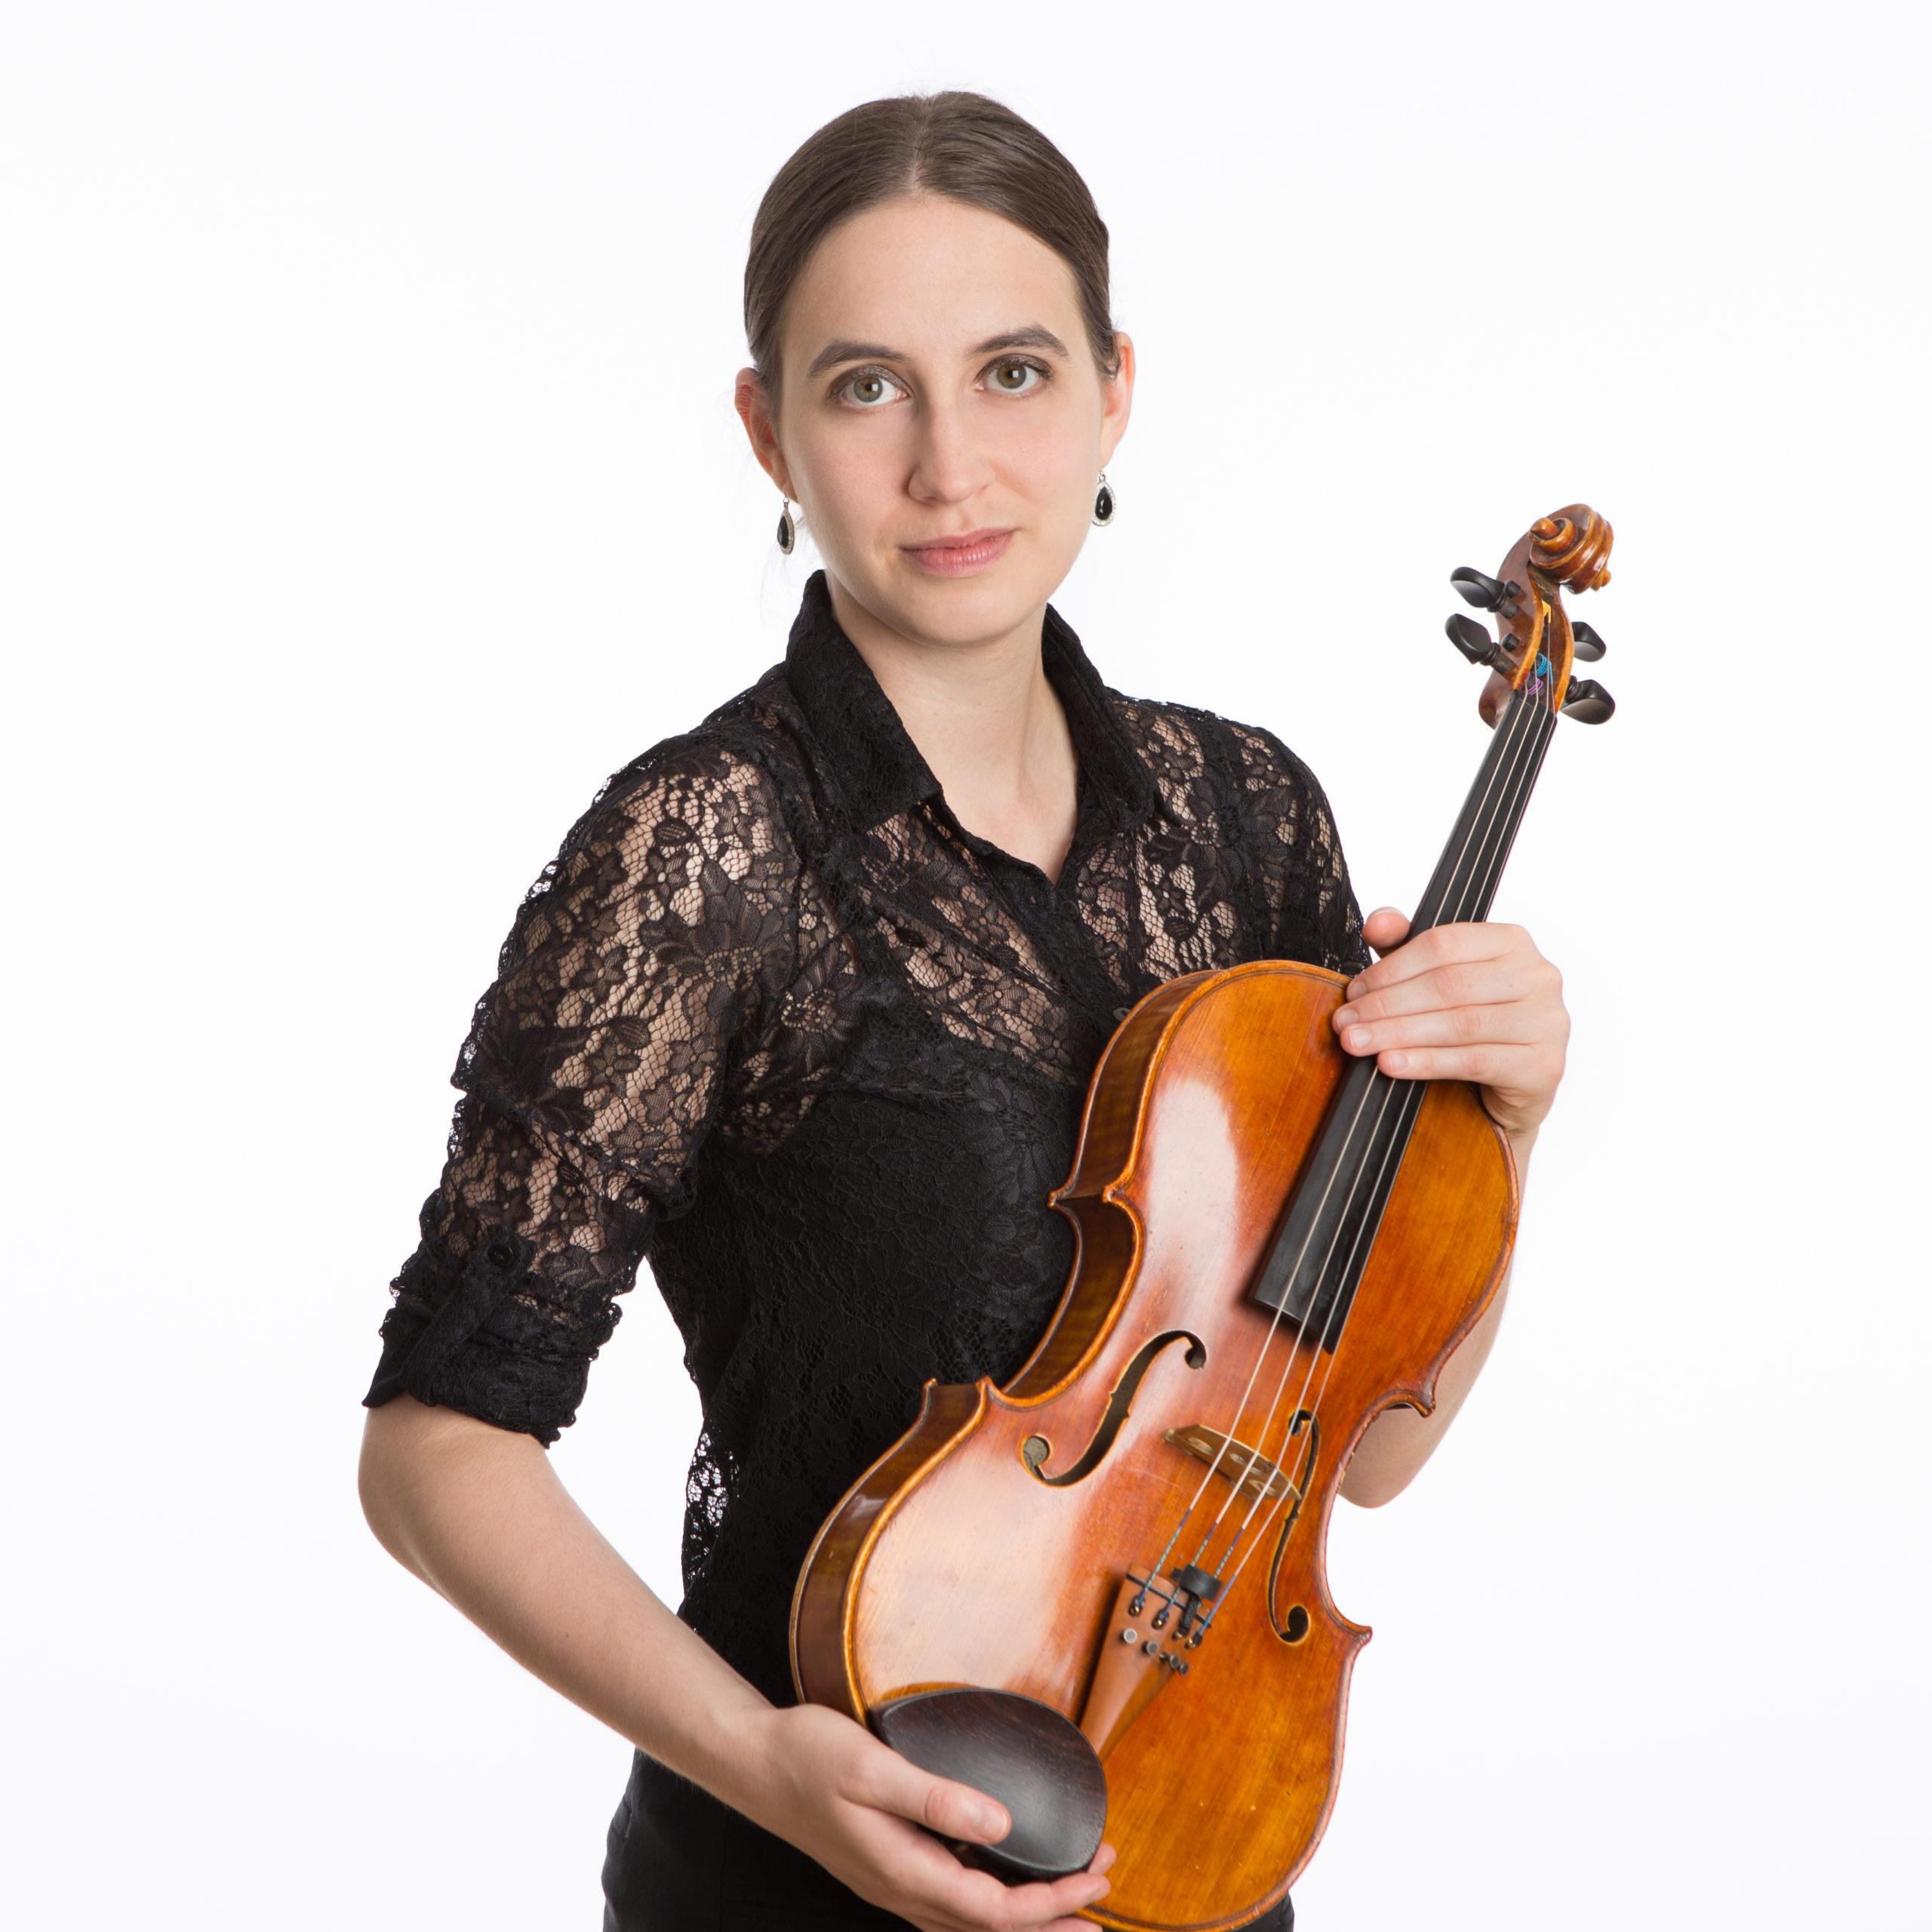 Sarah de Niverville